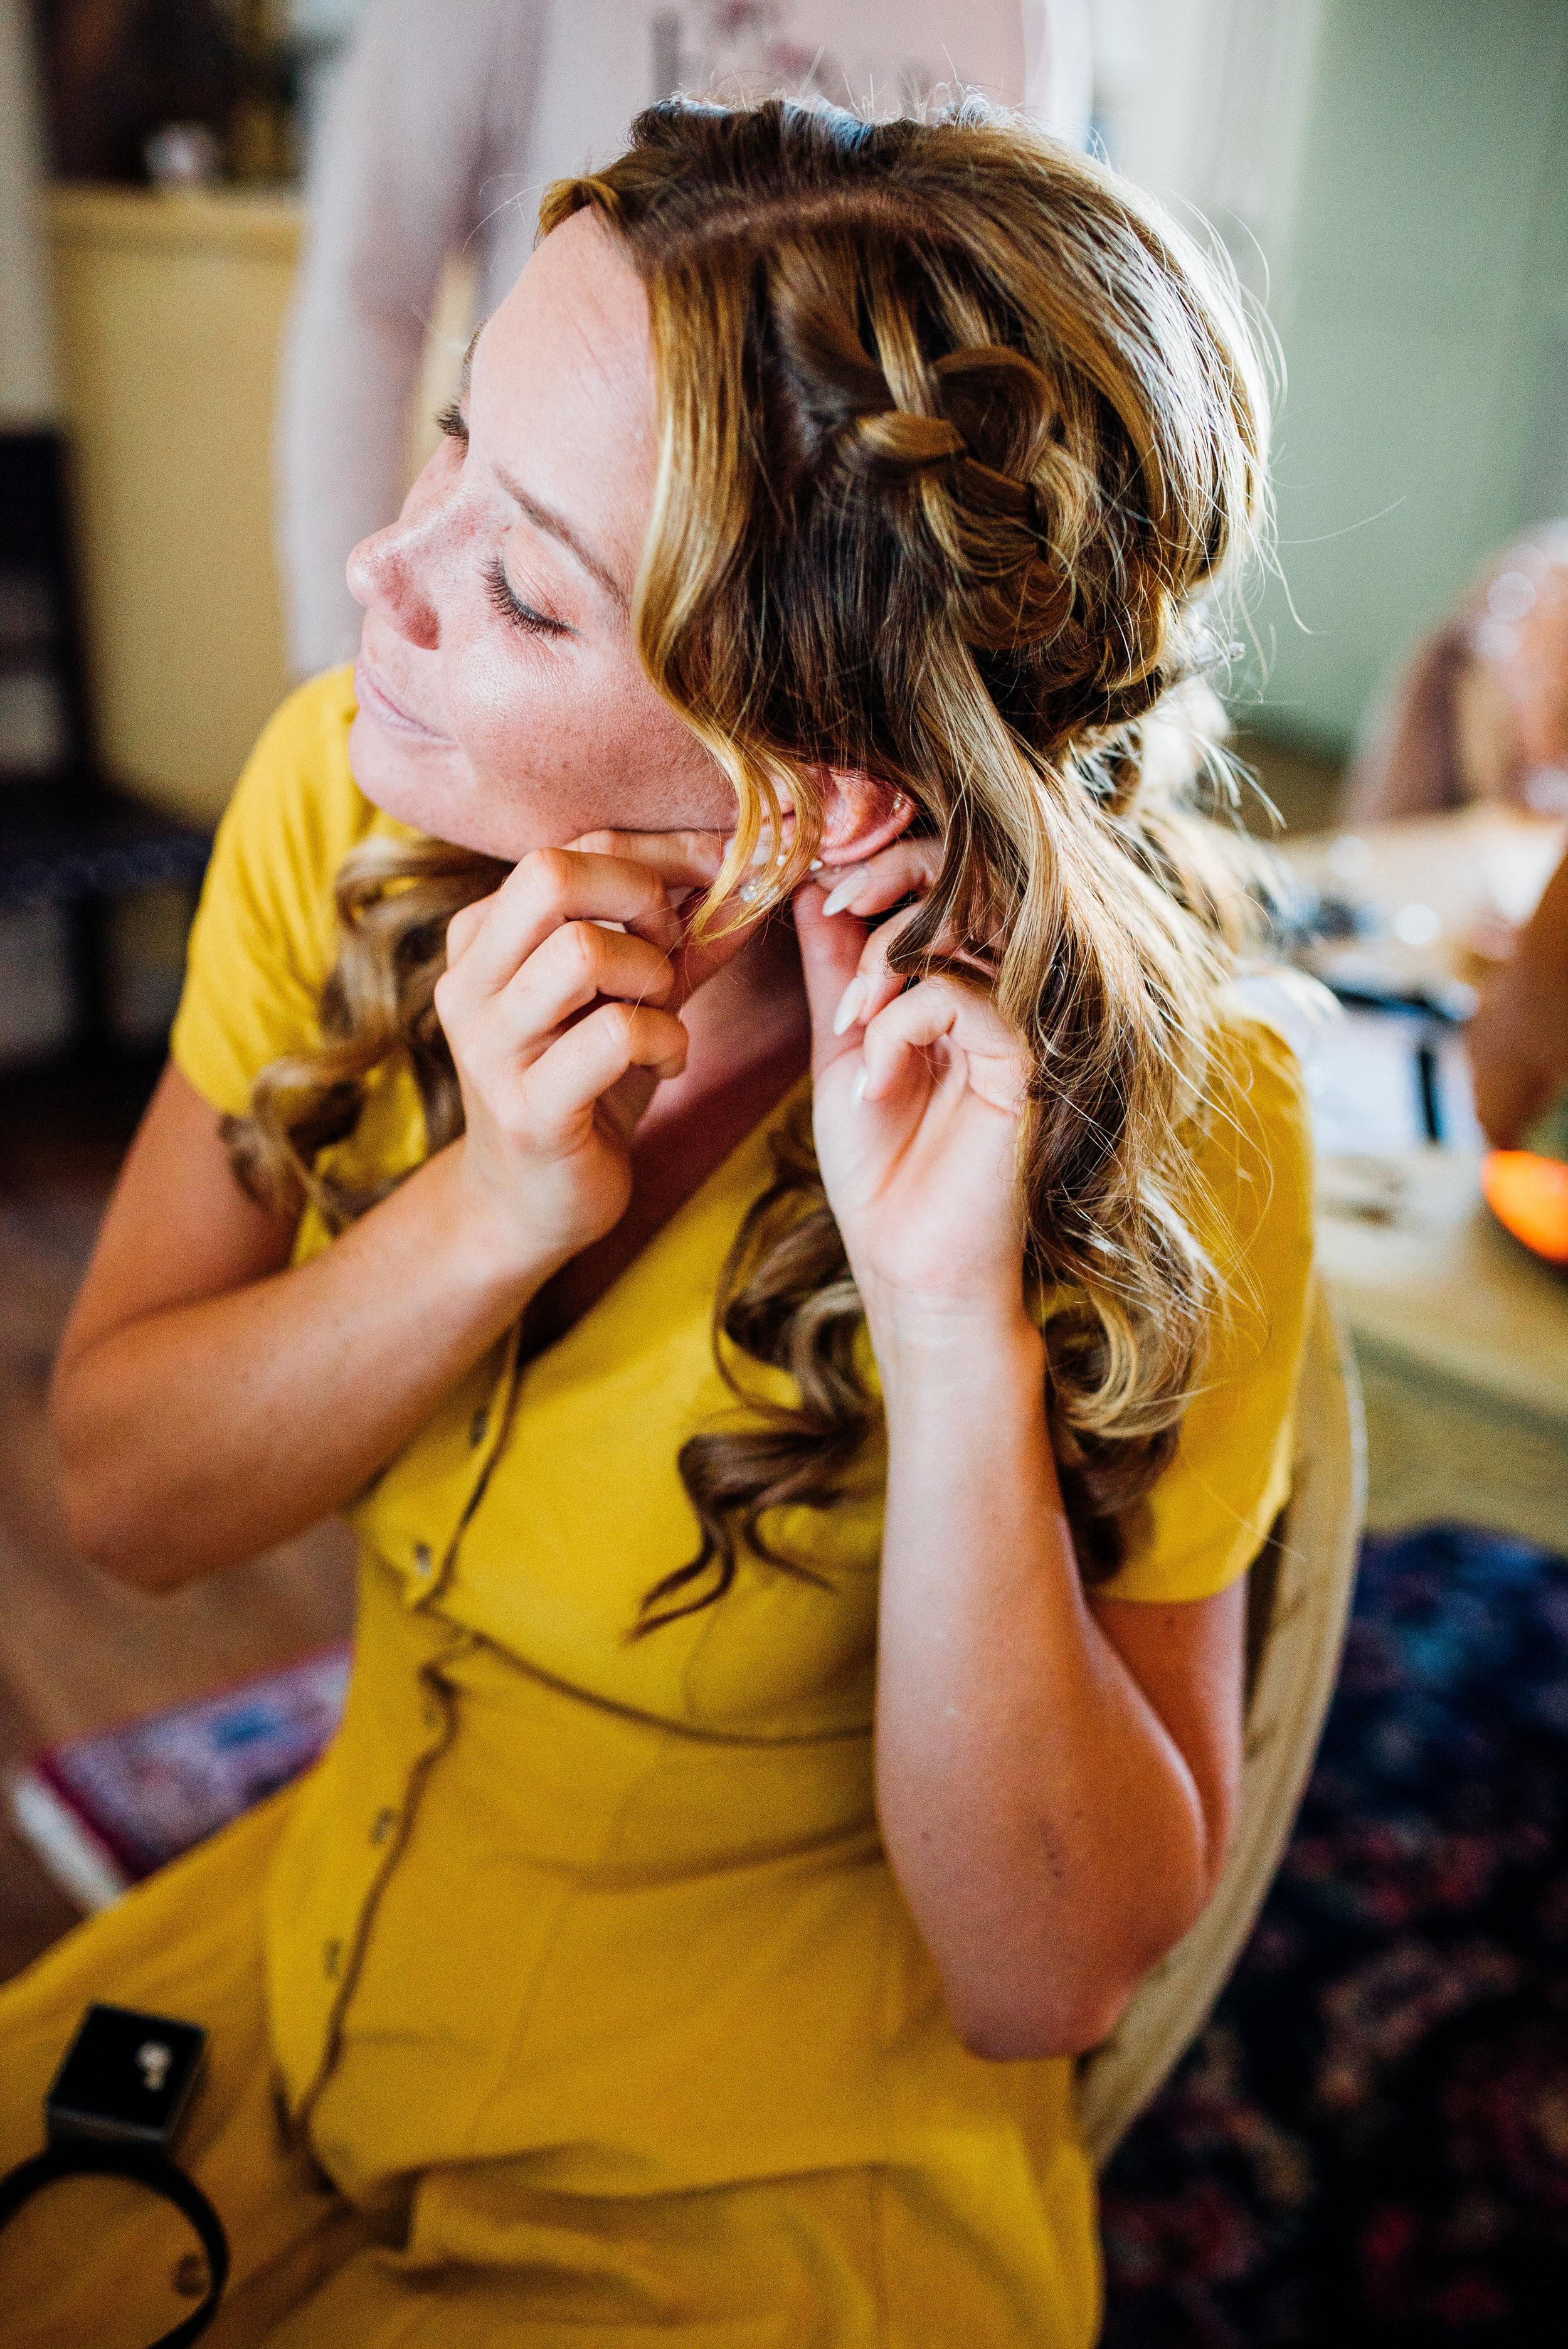 Dejting hårstylist skallig dating liv